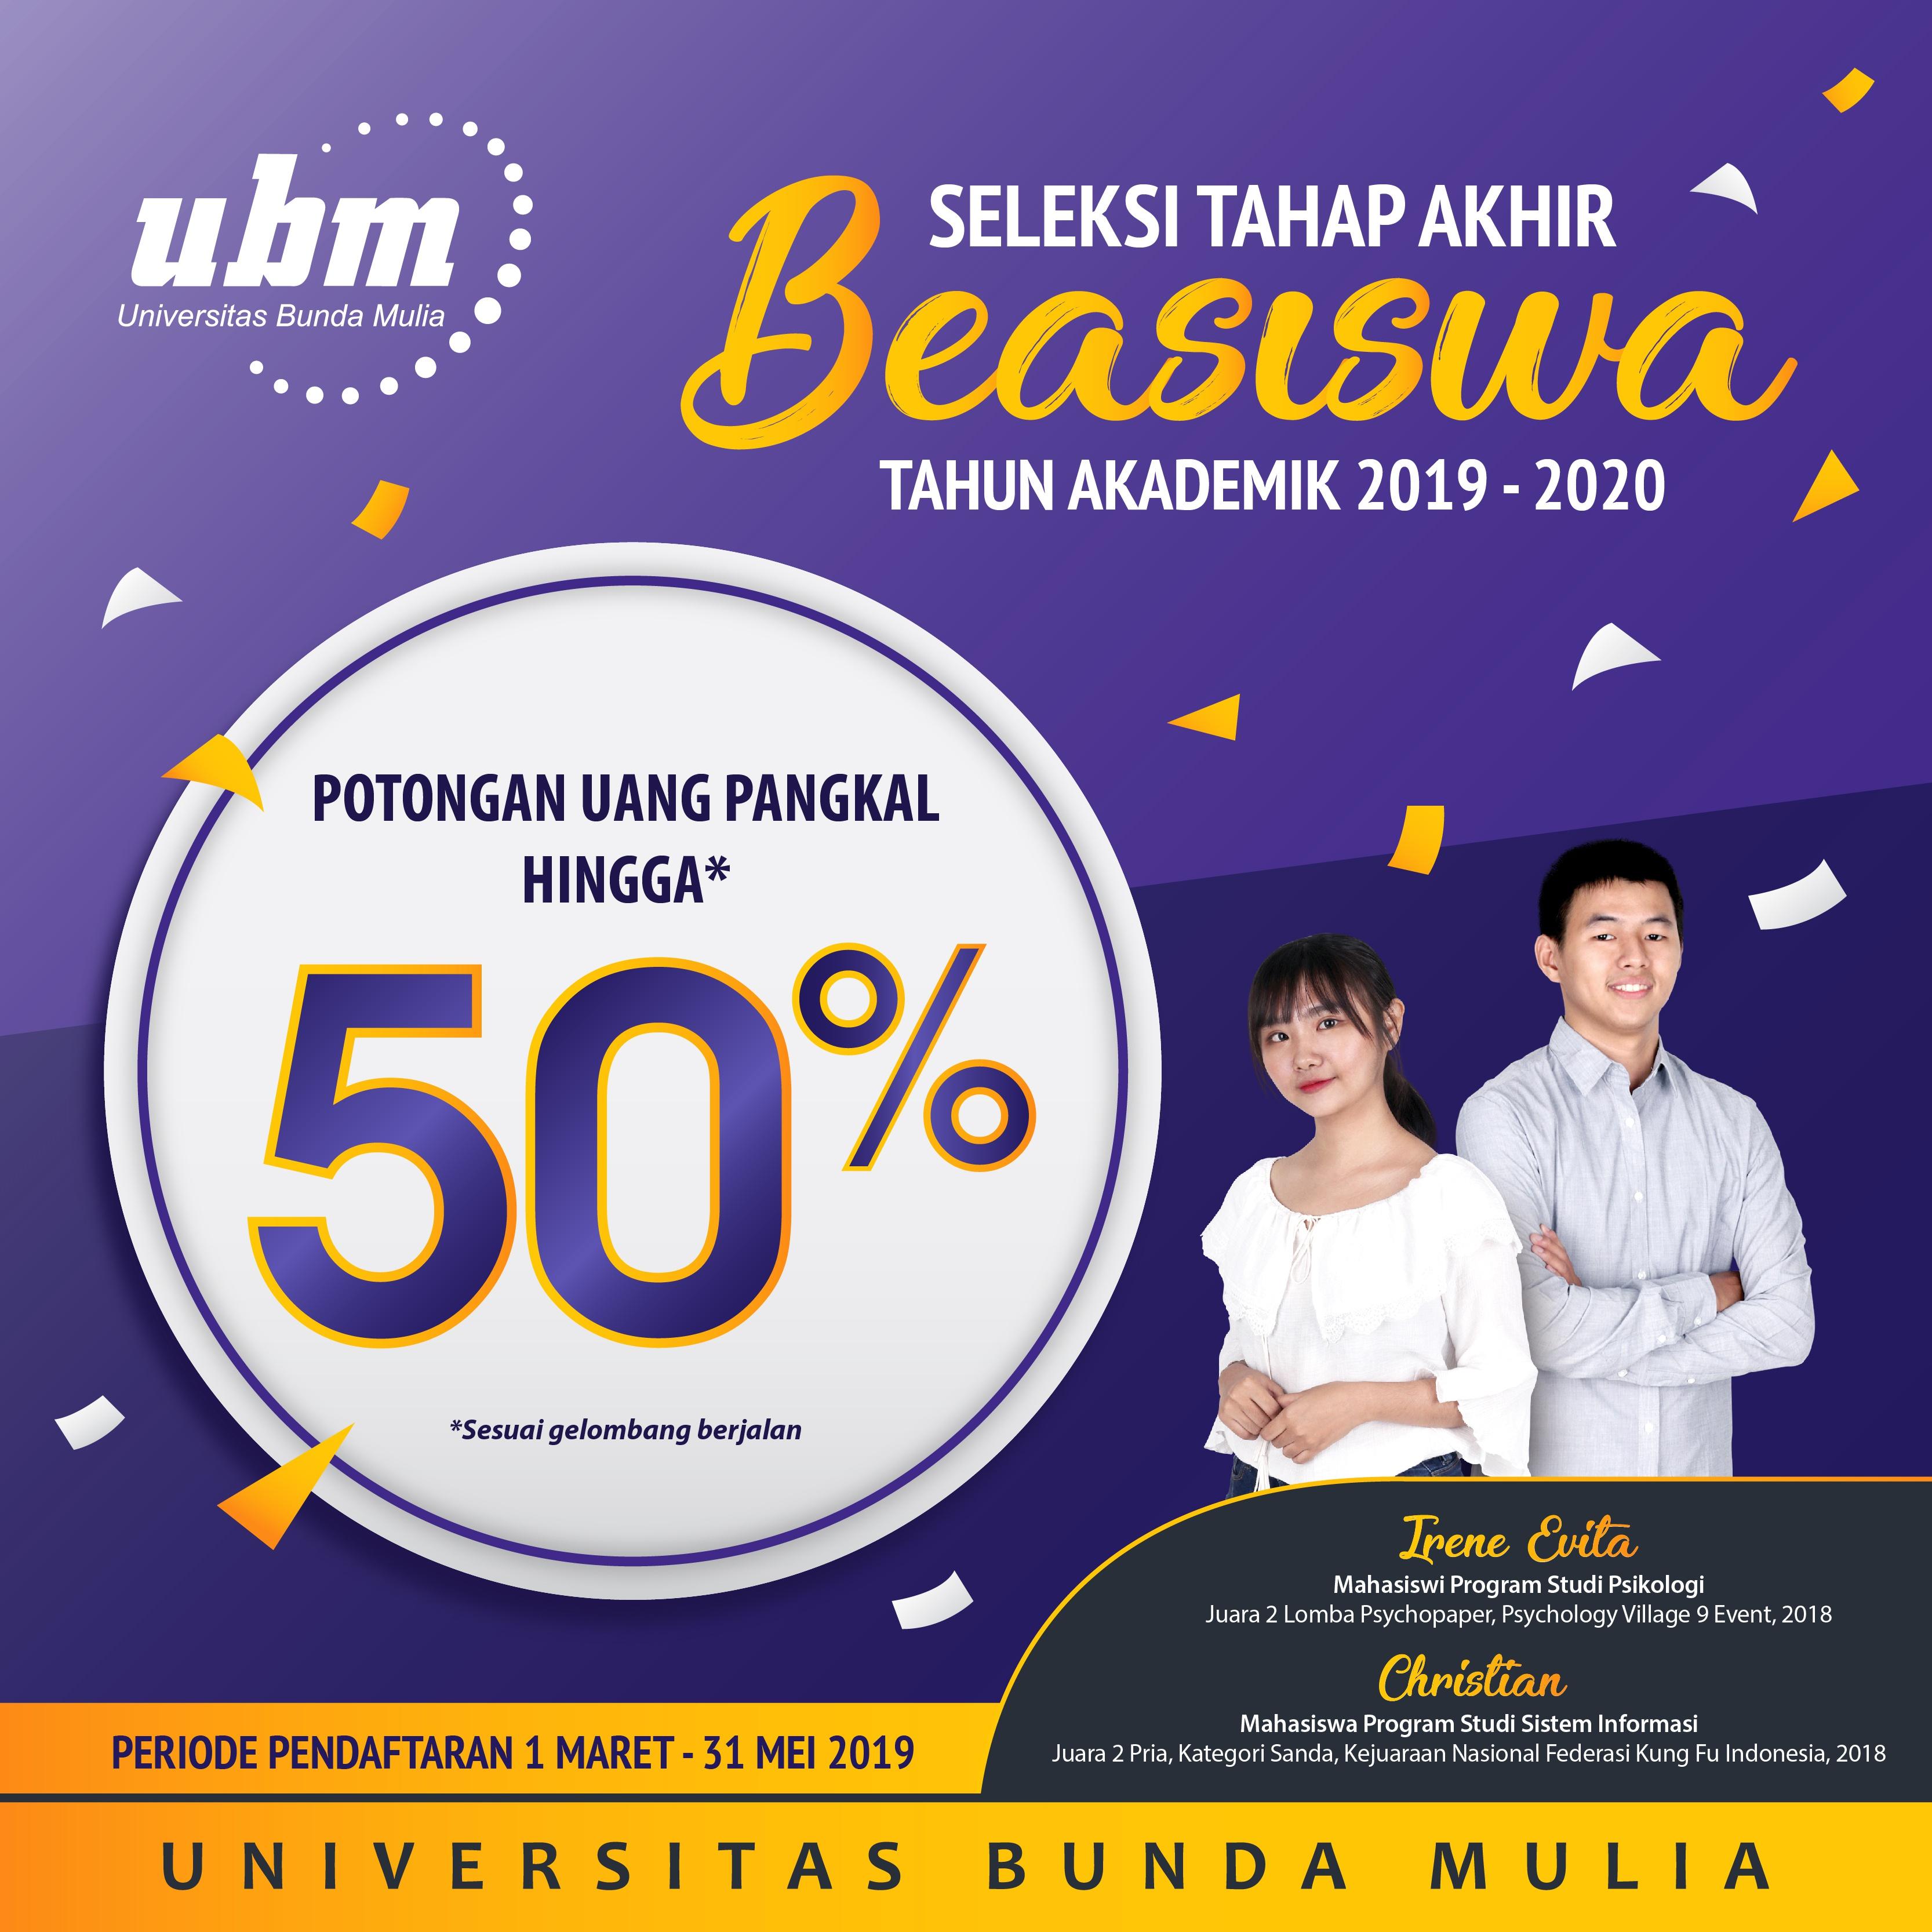 UBM TELAH MEMBUKA SELEKSI TAHAP AKHIR BEASISWA TAHUN AJARAN 2019/2020. 1 MARET – 31 MEI 2019